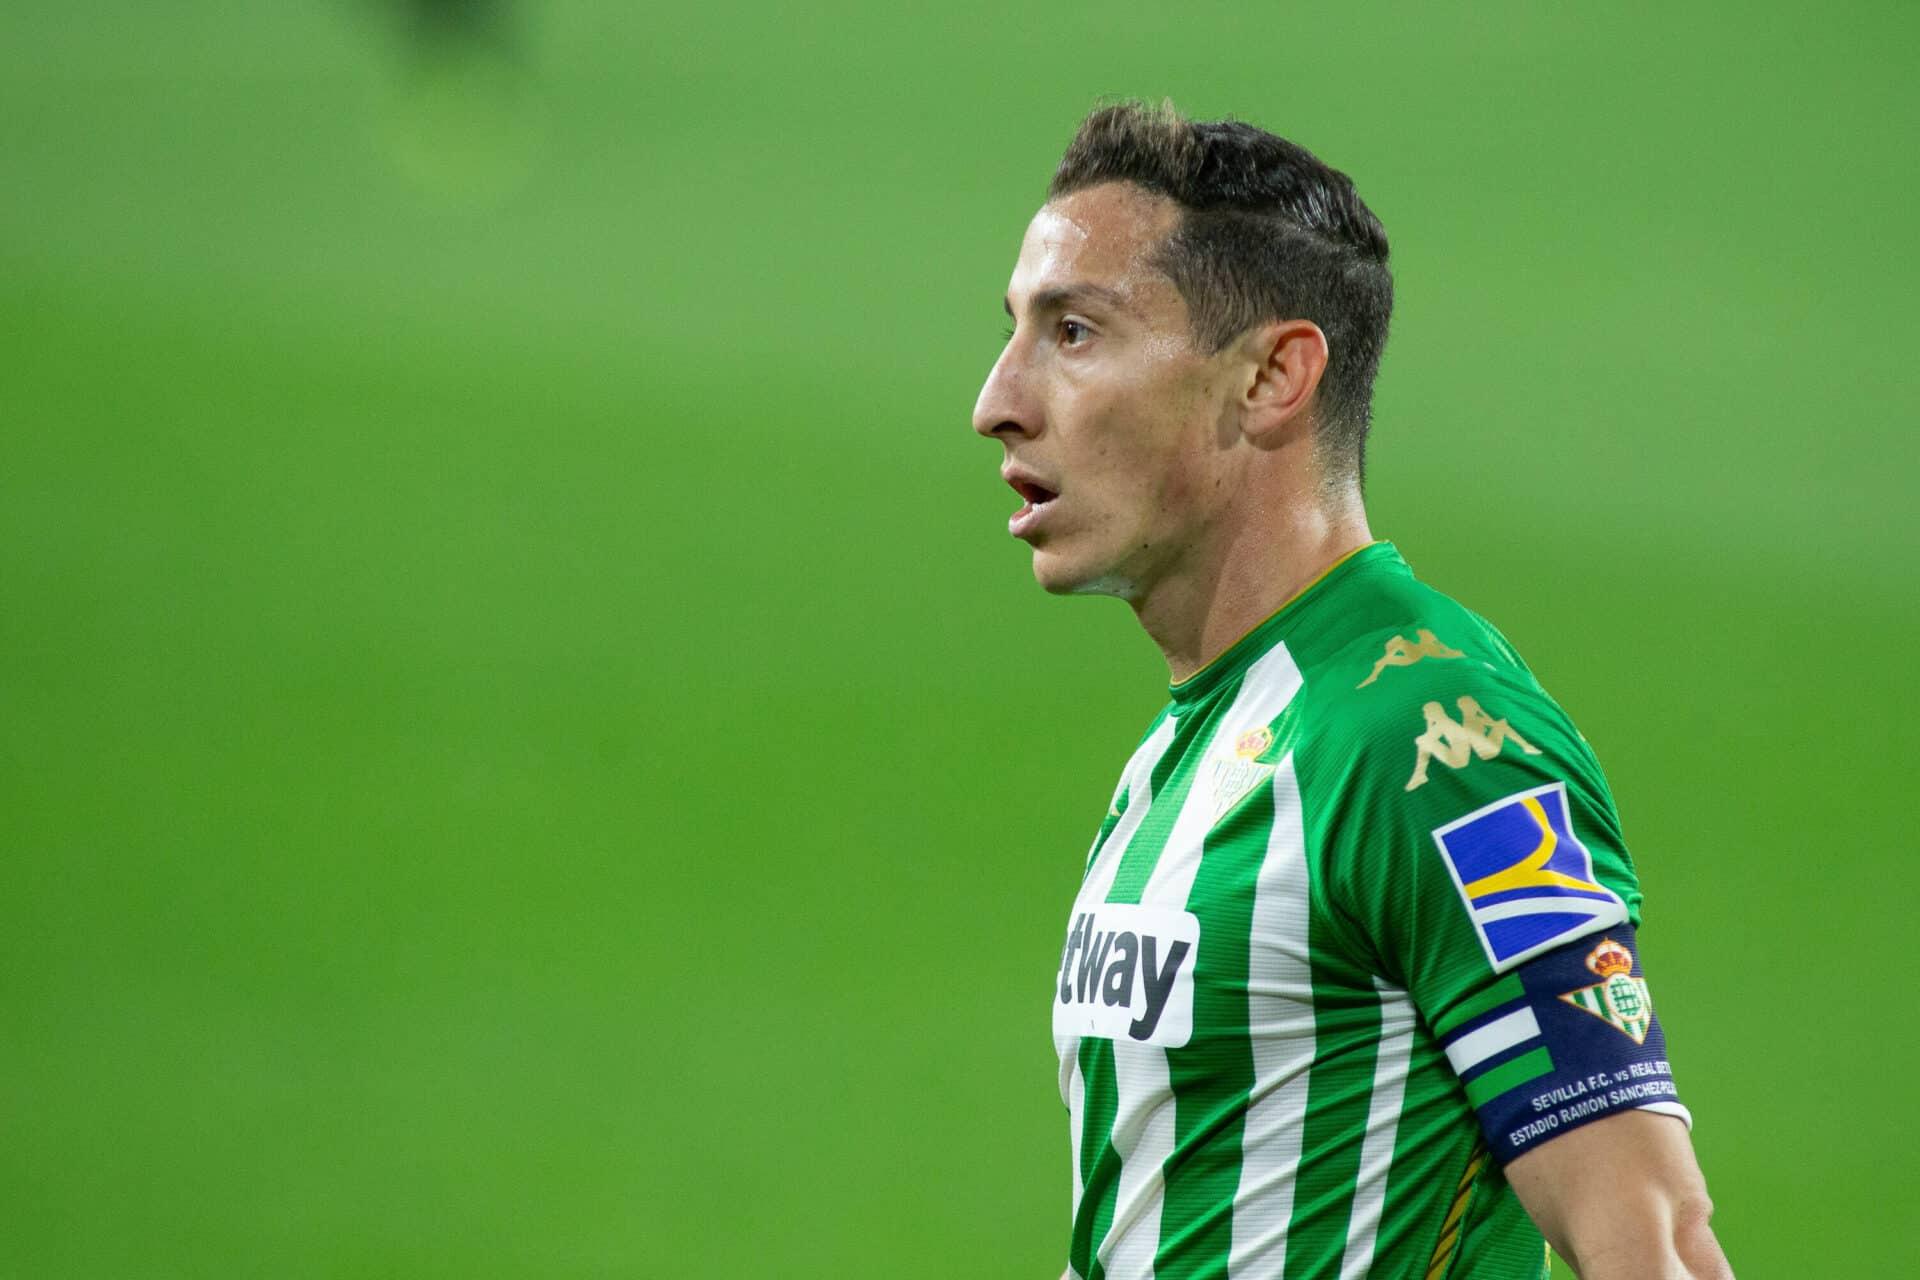 Adelanta Andrés Guardado que podría estar en su última temporada con el Real Betis